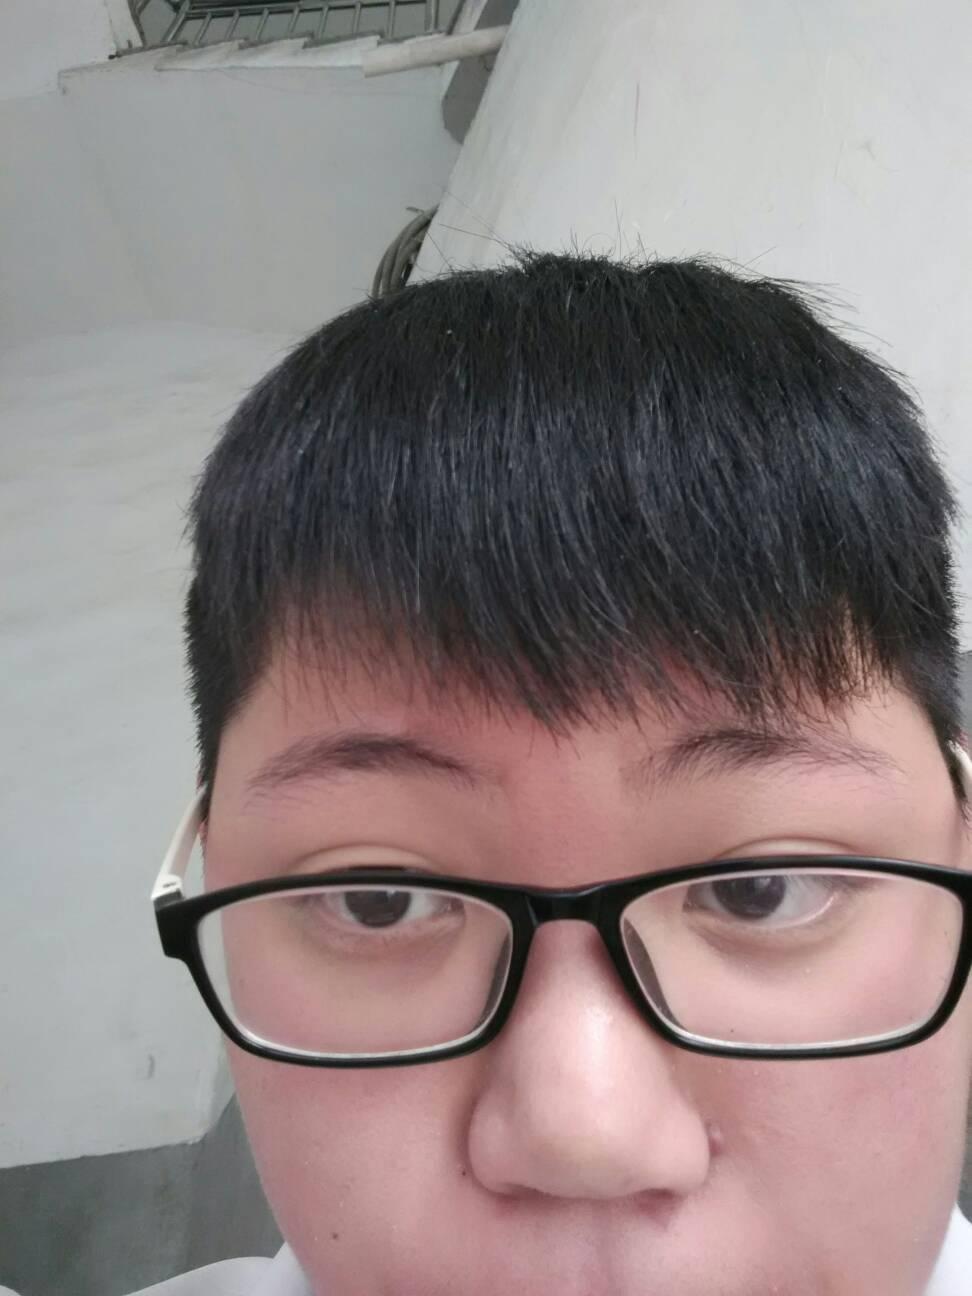 学会发际线留碎头发谁敢说我丑